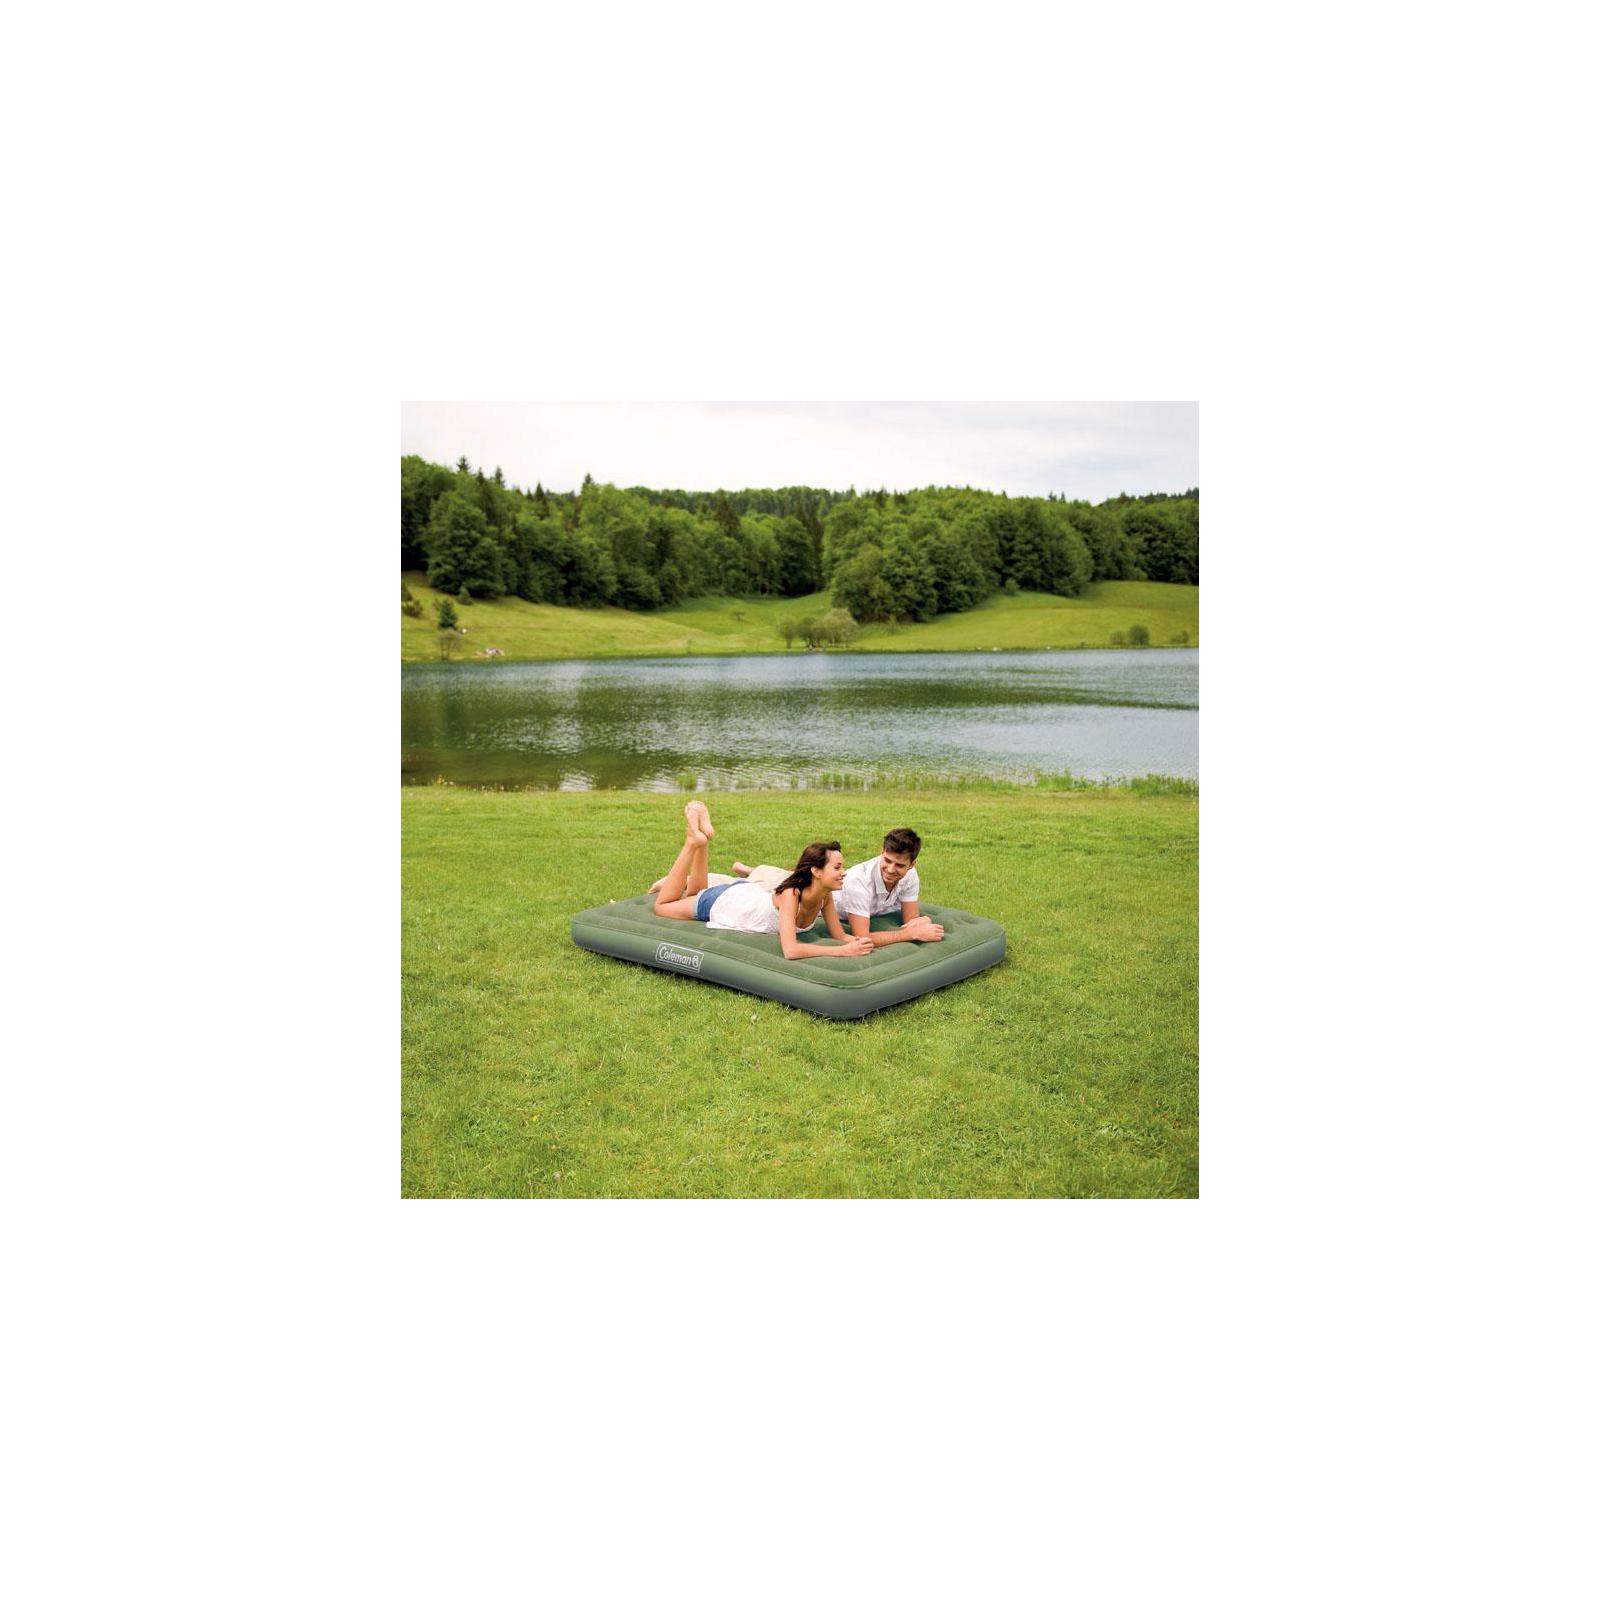 Матрас надувной Coleman Comfort Bed Double (2000025182) изображение 2